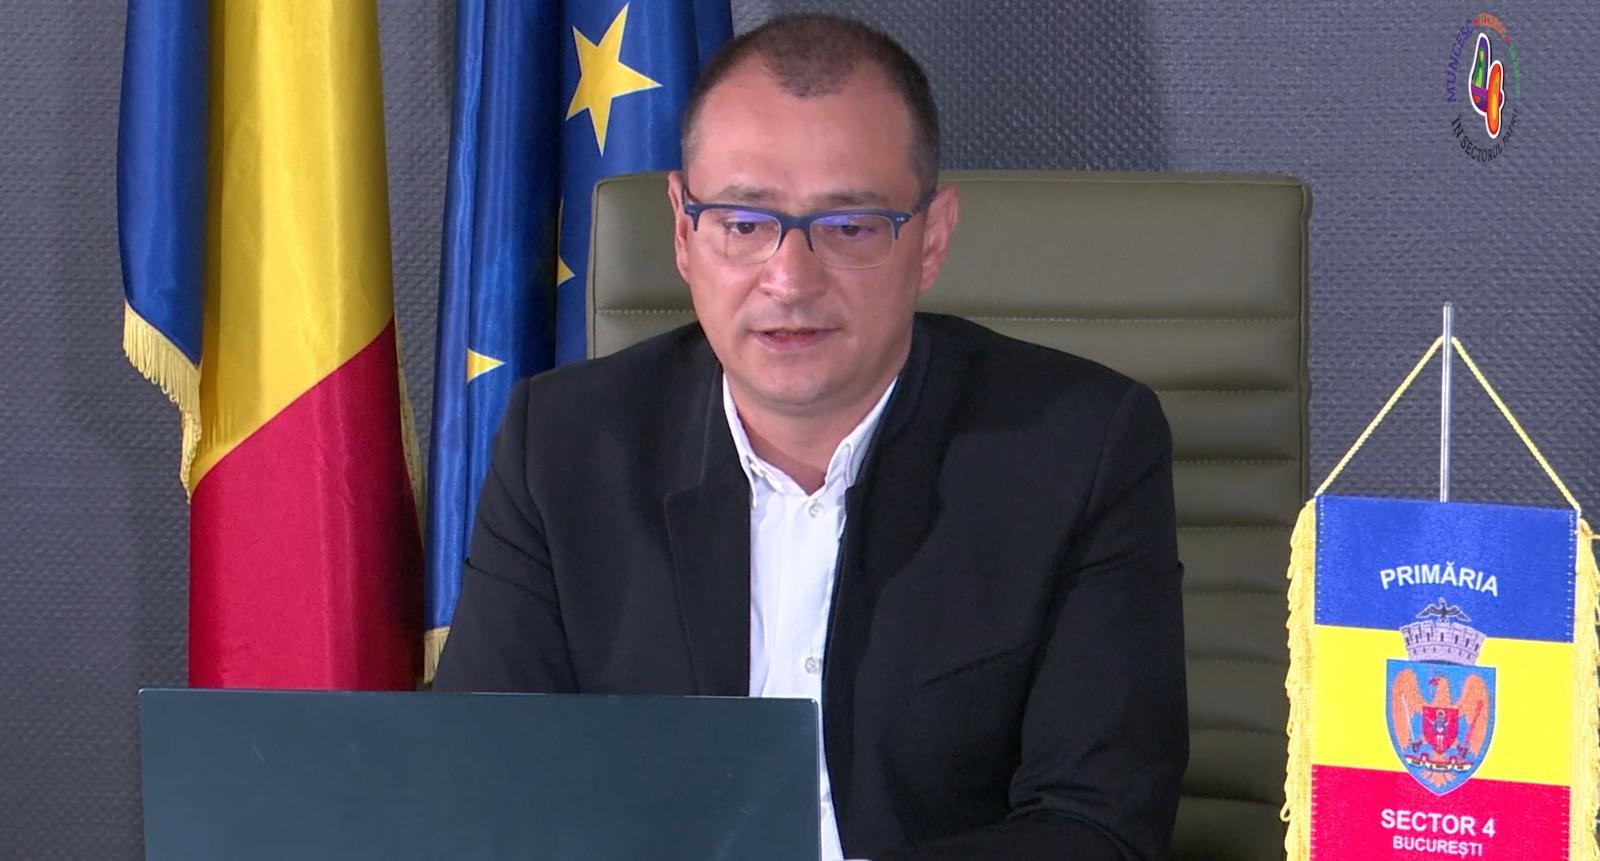 Primarul Daniel Băluță cere Bruxelles-ului să nu mai înființeze Superi Ligii de fotbal